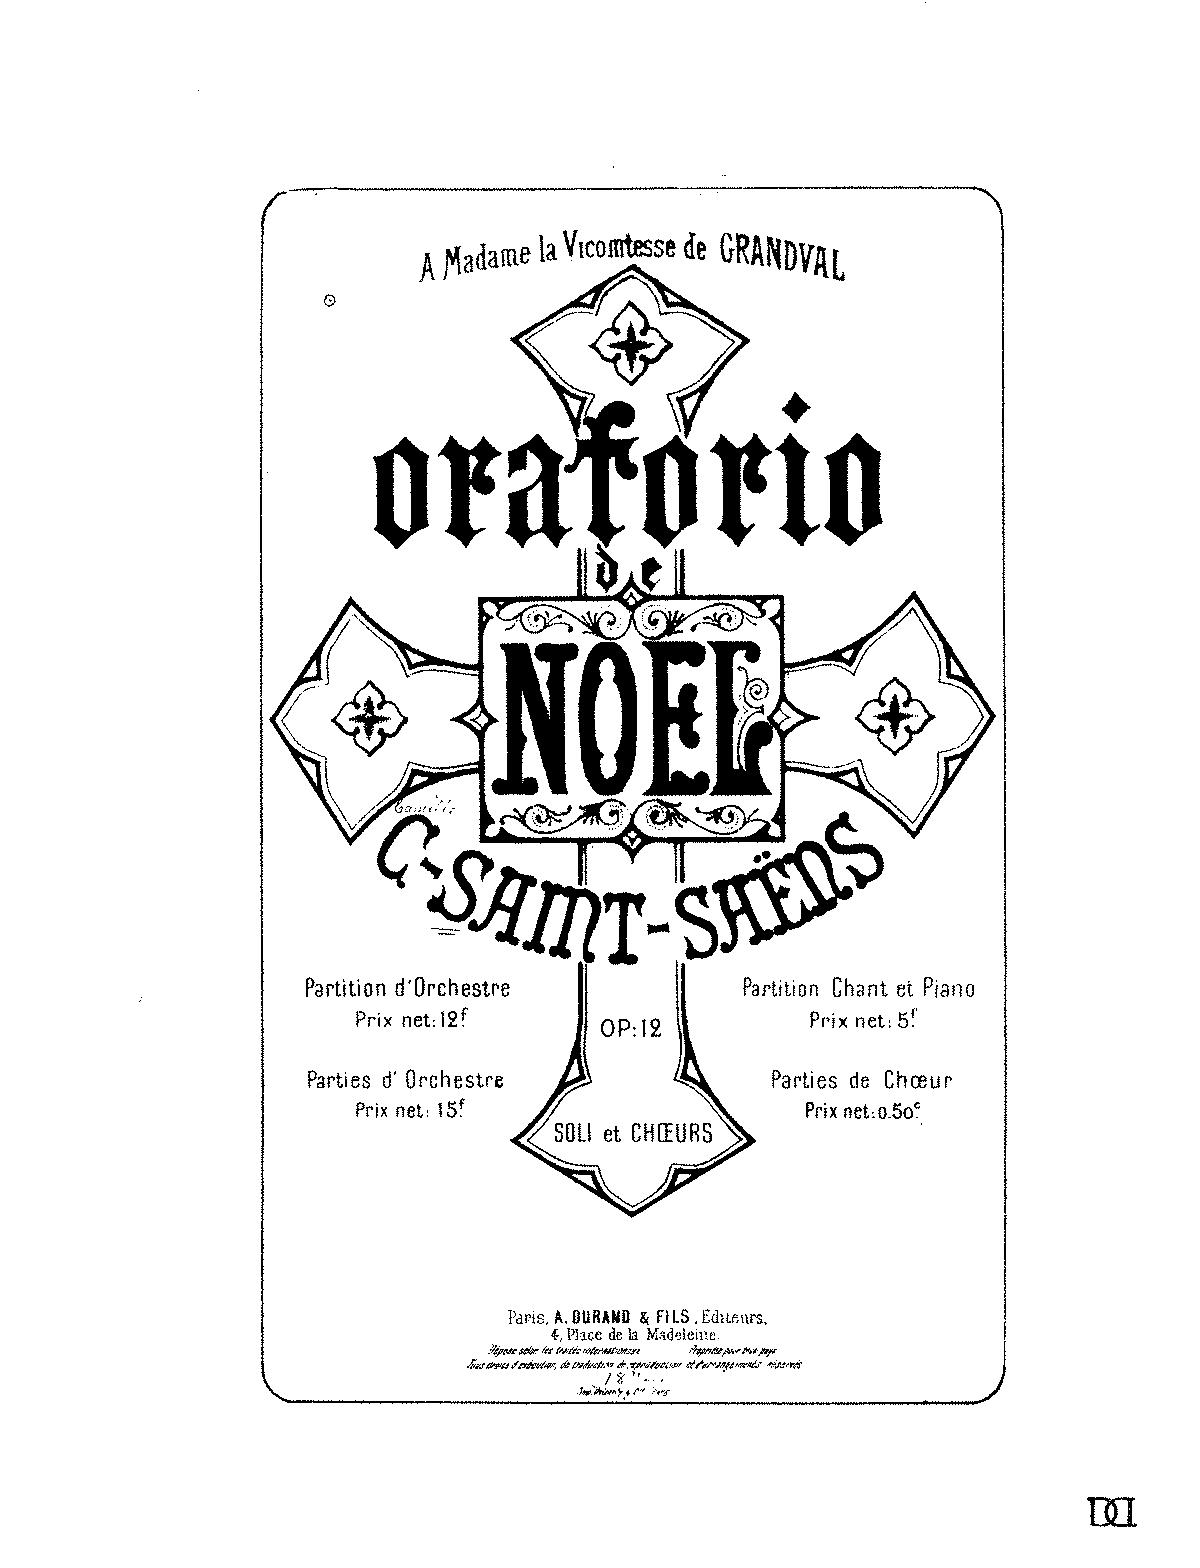 Oratorio de Noël, Op.12 (Saint-Saëns, Camille) - IMSLP/Petrucci ...